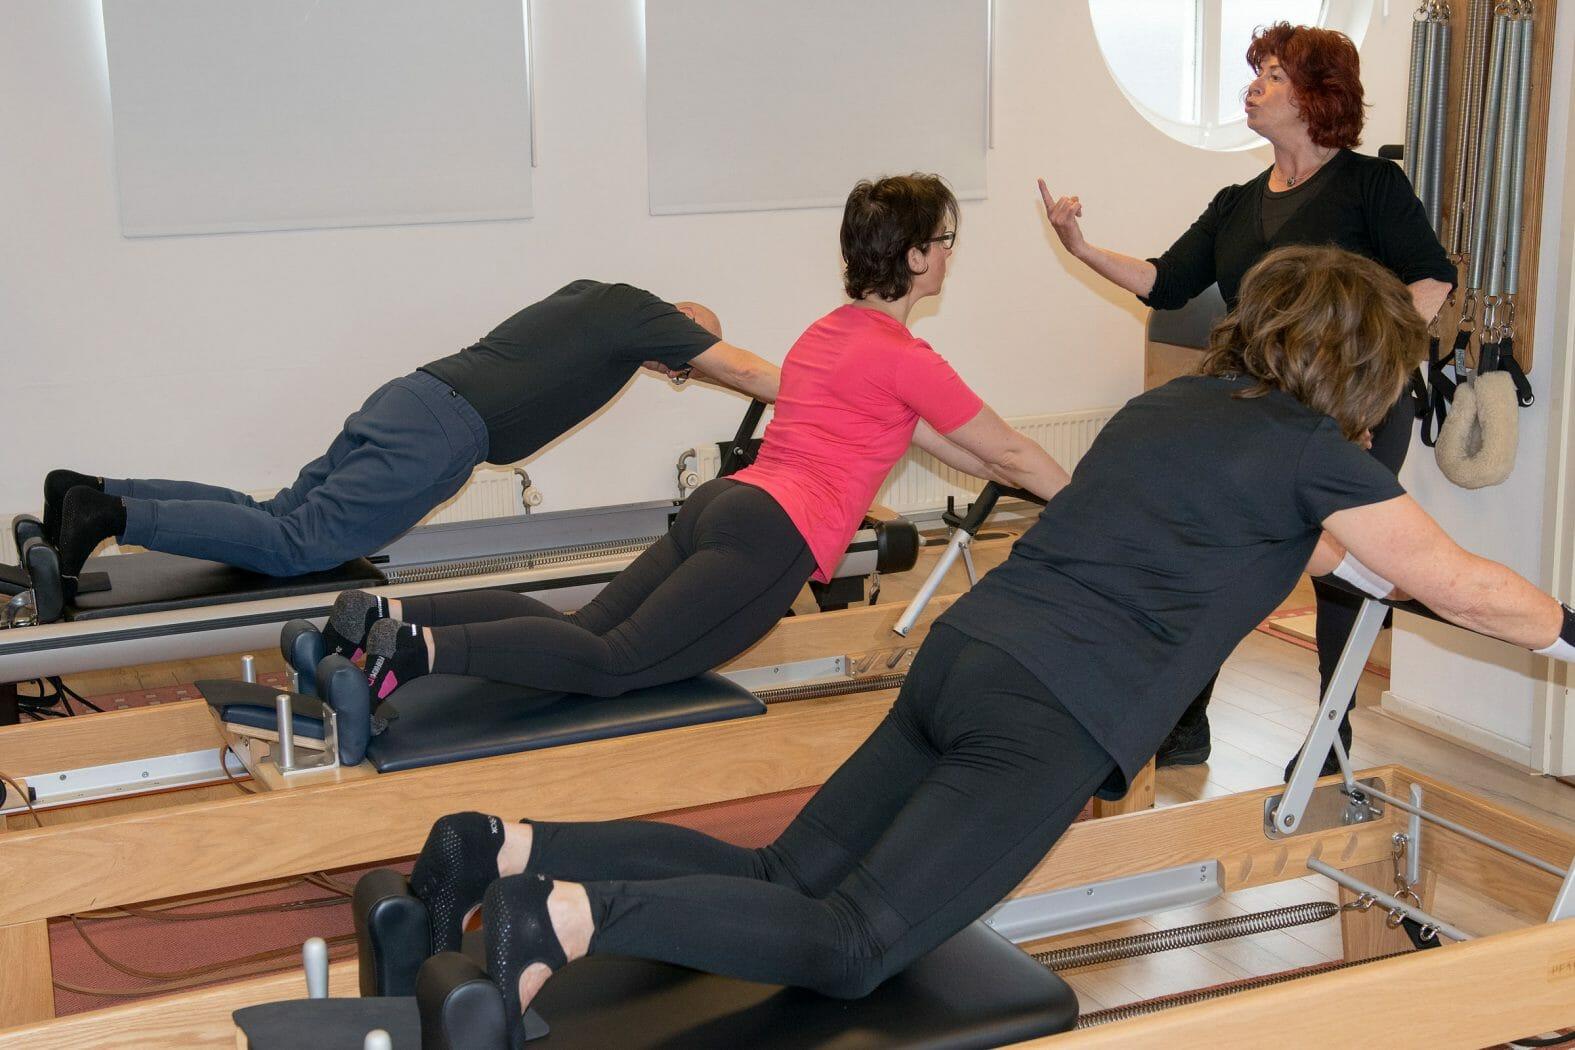 De Trio Reformer + Tower is een perfecte les voor de serieuze Pilates fan en de Pilates professional.